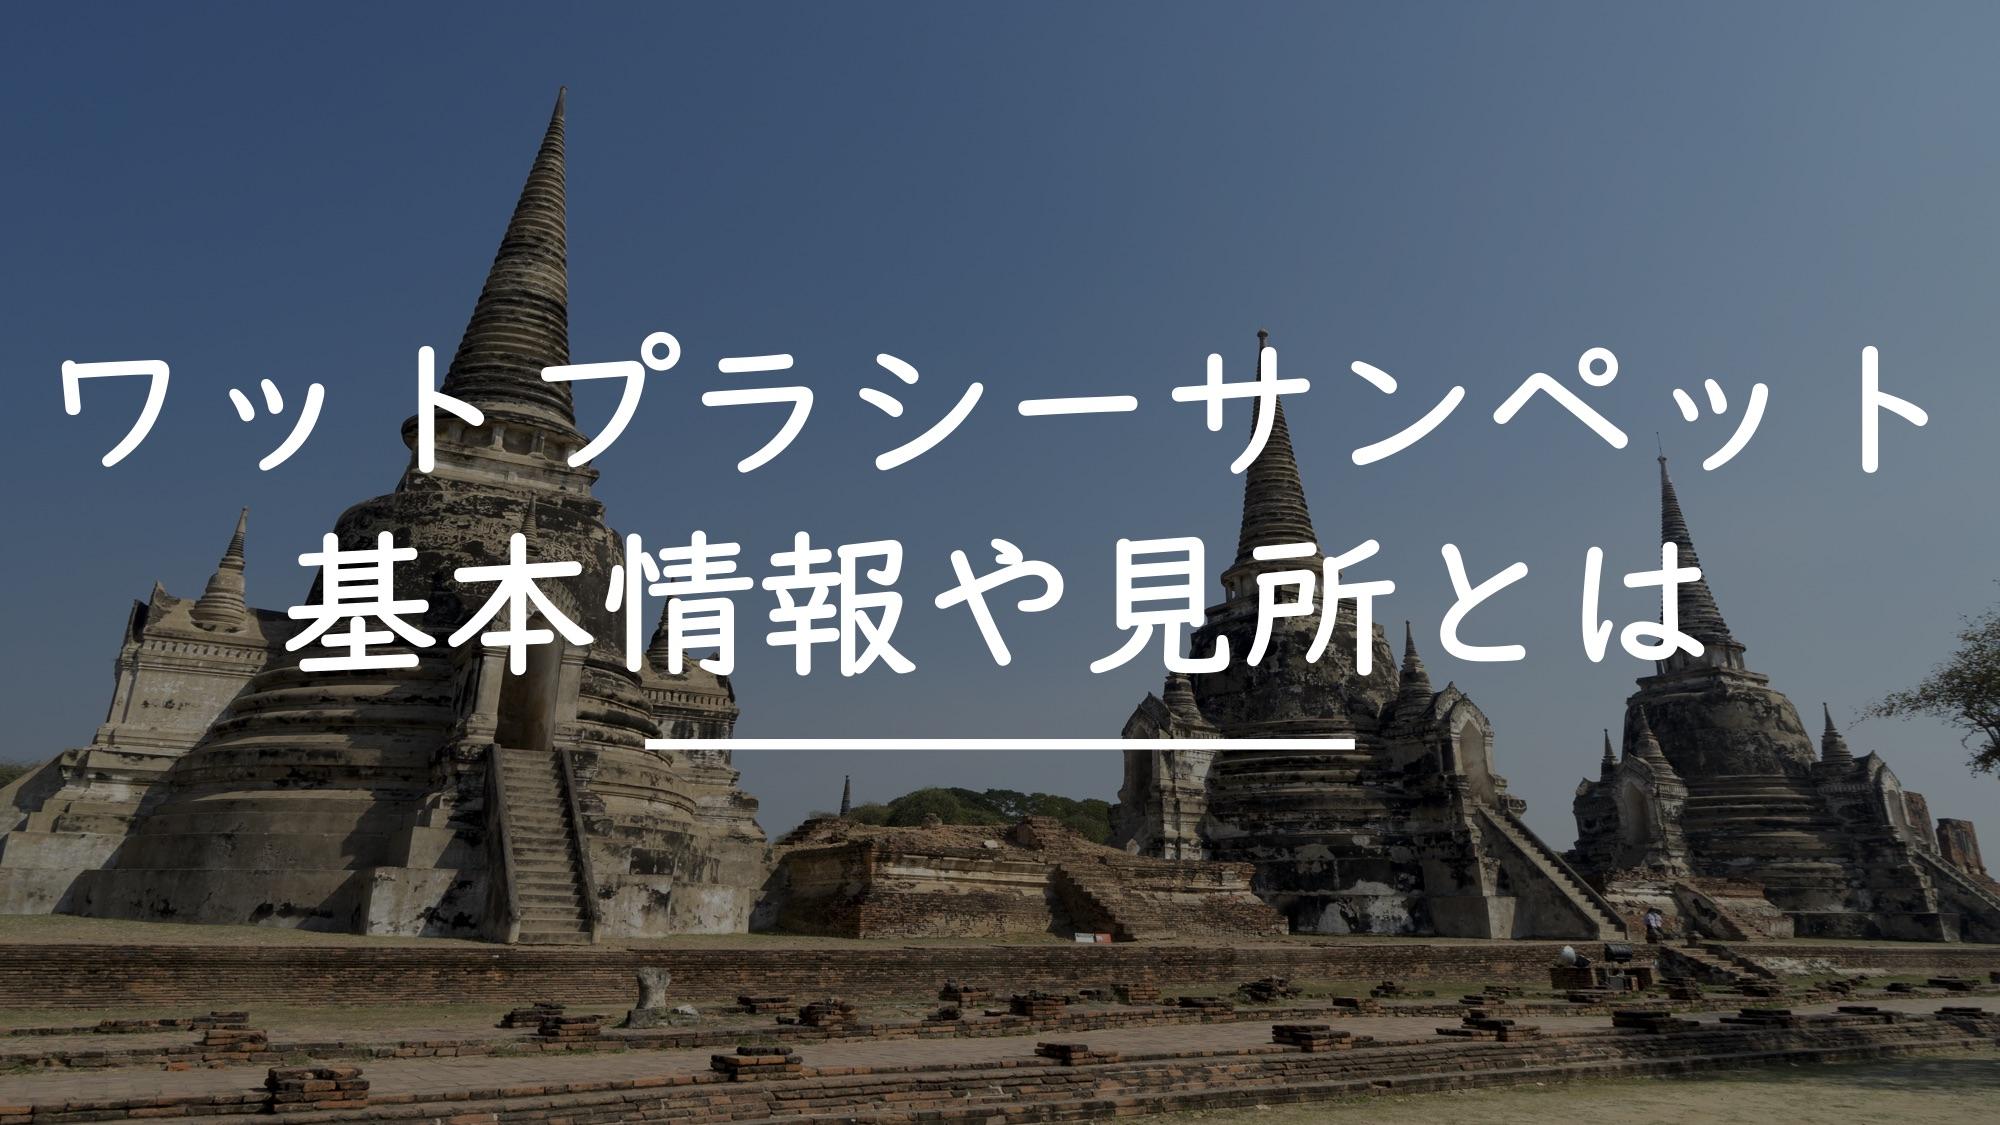 ワット プラシーサンペット!基本情報と見所(Wat Pra Srisanpet)